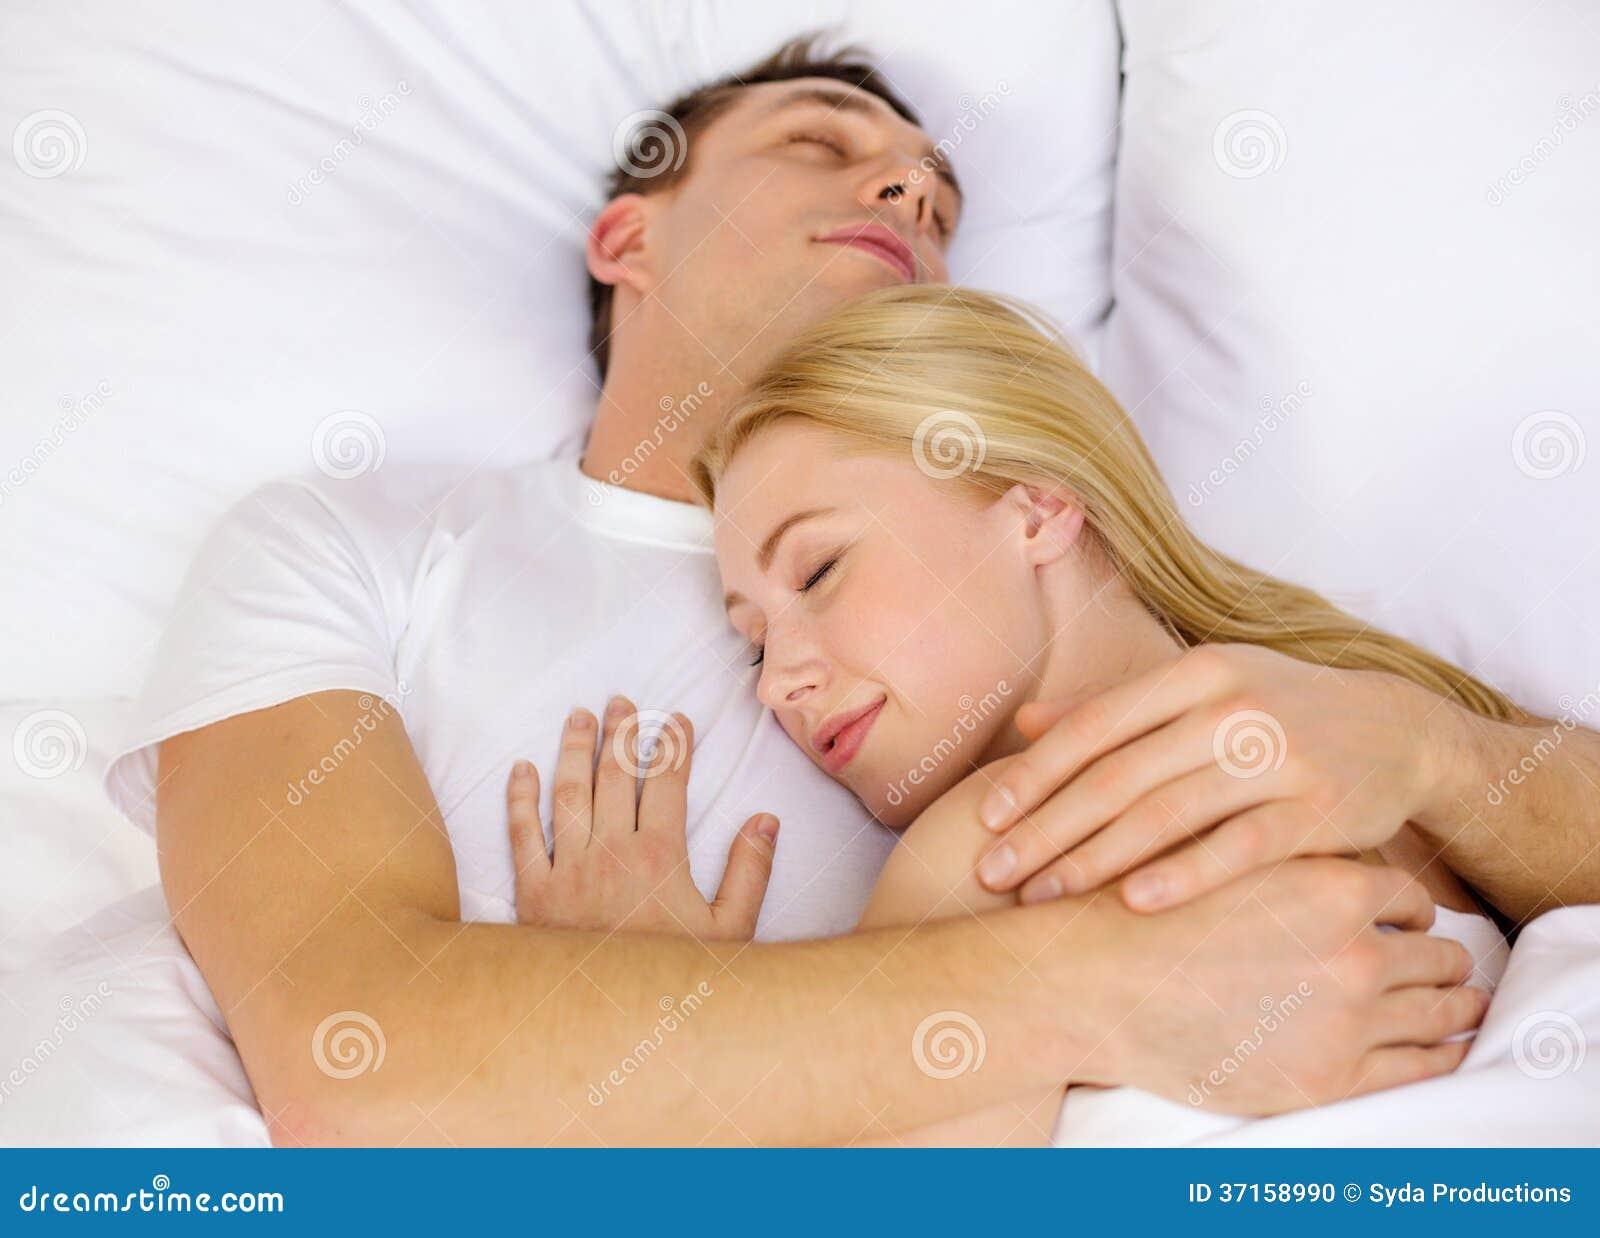 Что если девушки спят вместе, Изучите и запомните: как вычислить девушку. - Limon 23 фотография